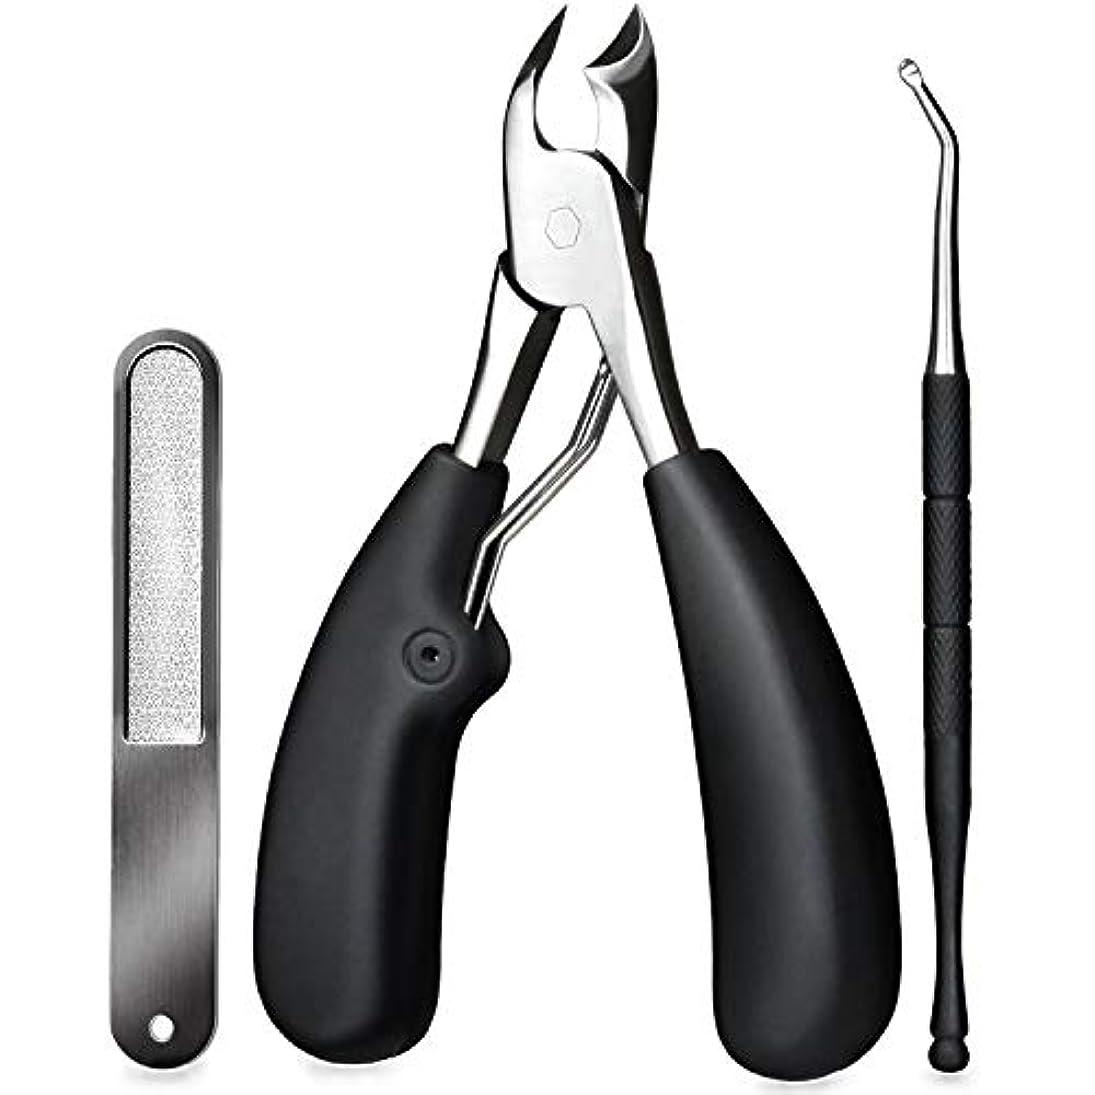 スリーブシネマ透過性爪切りー 巻き爪 硬い爪などにも対応、ゾンデと爪やすり付き